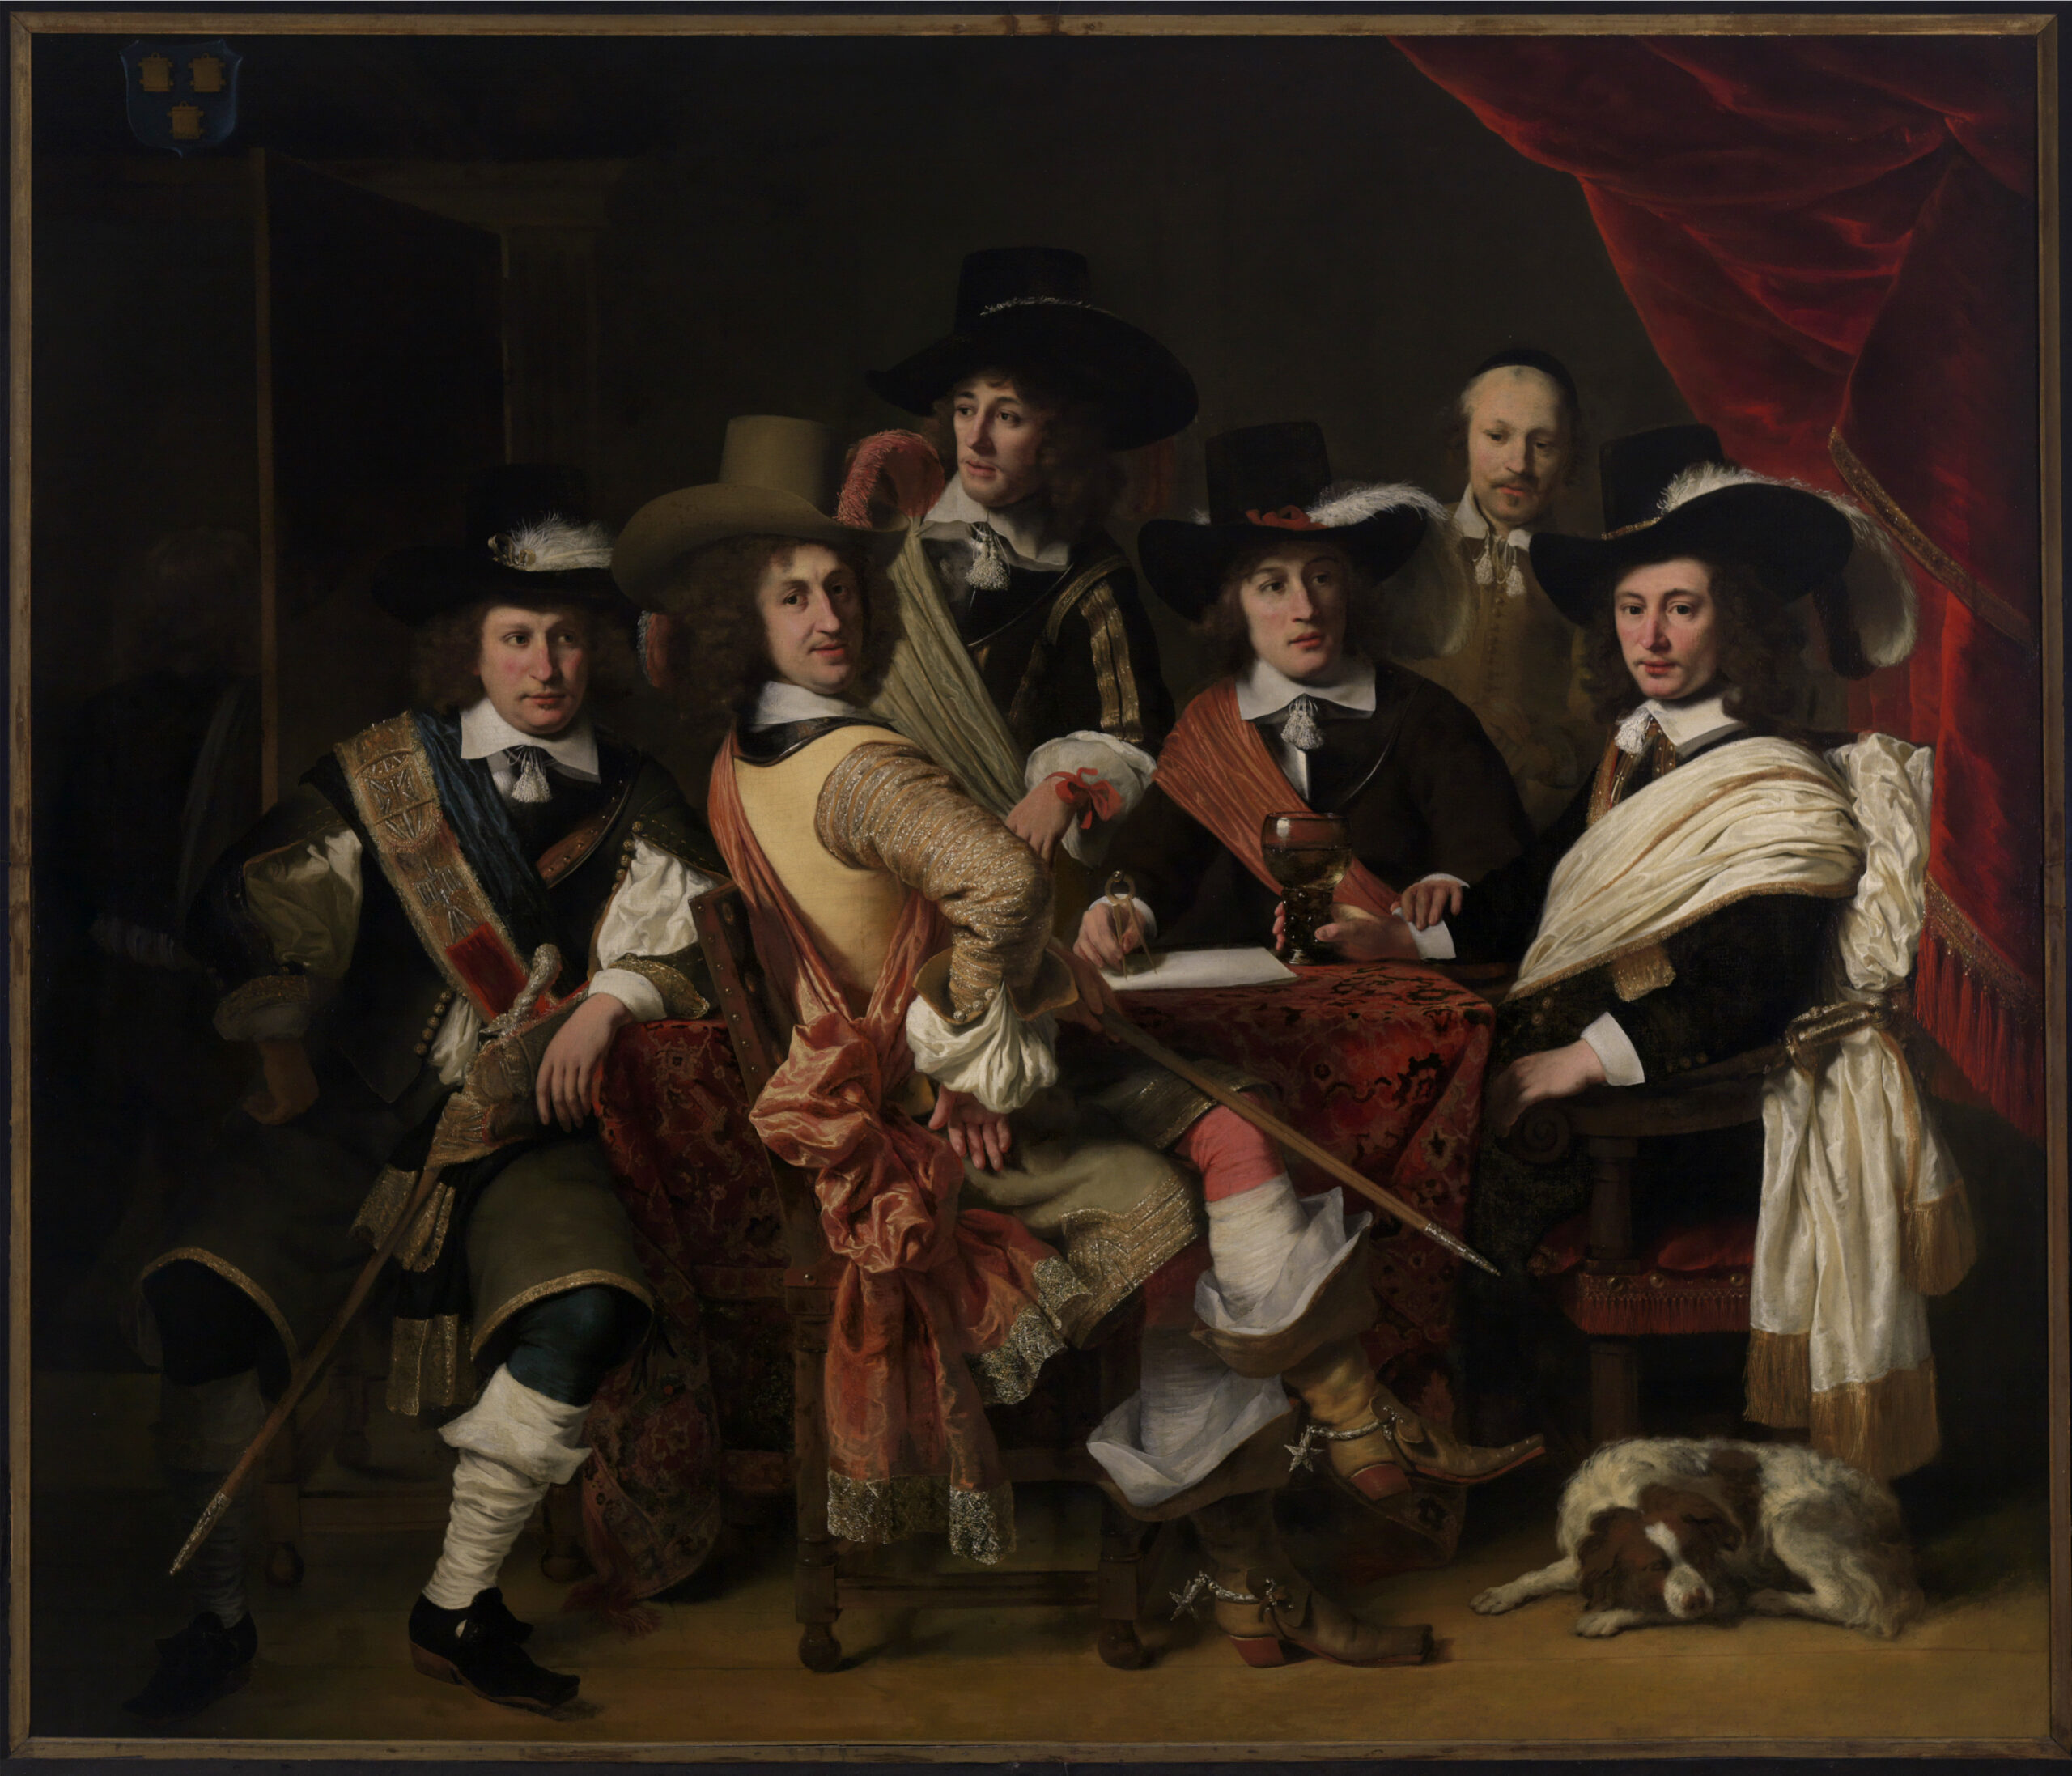 Ferdinand Bol (1616-1680), <em>The council of the Gouda militia under the command of colonel Govert Suijs</em>, 1653<br>Museum Gouda, Gouda